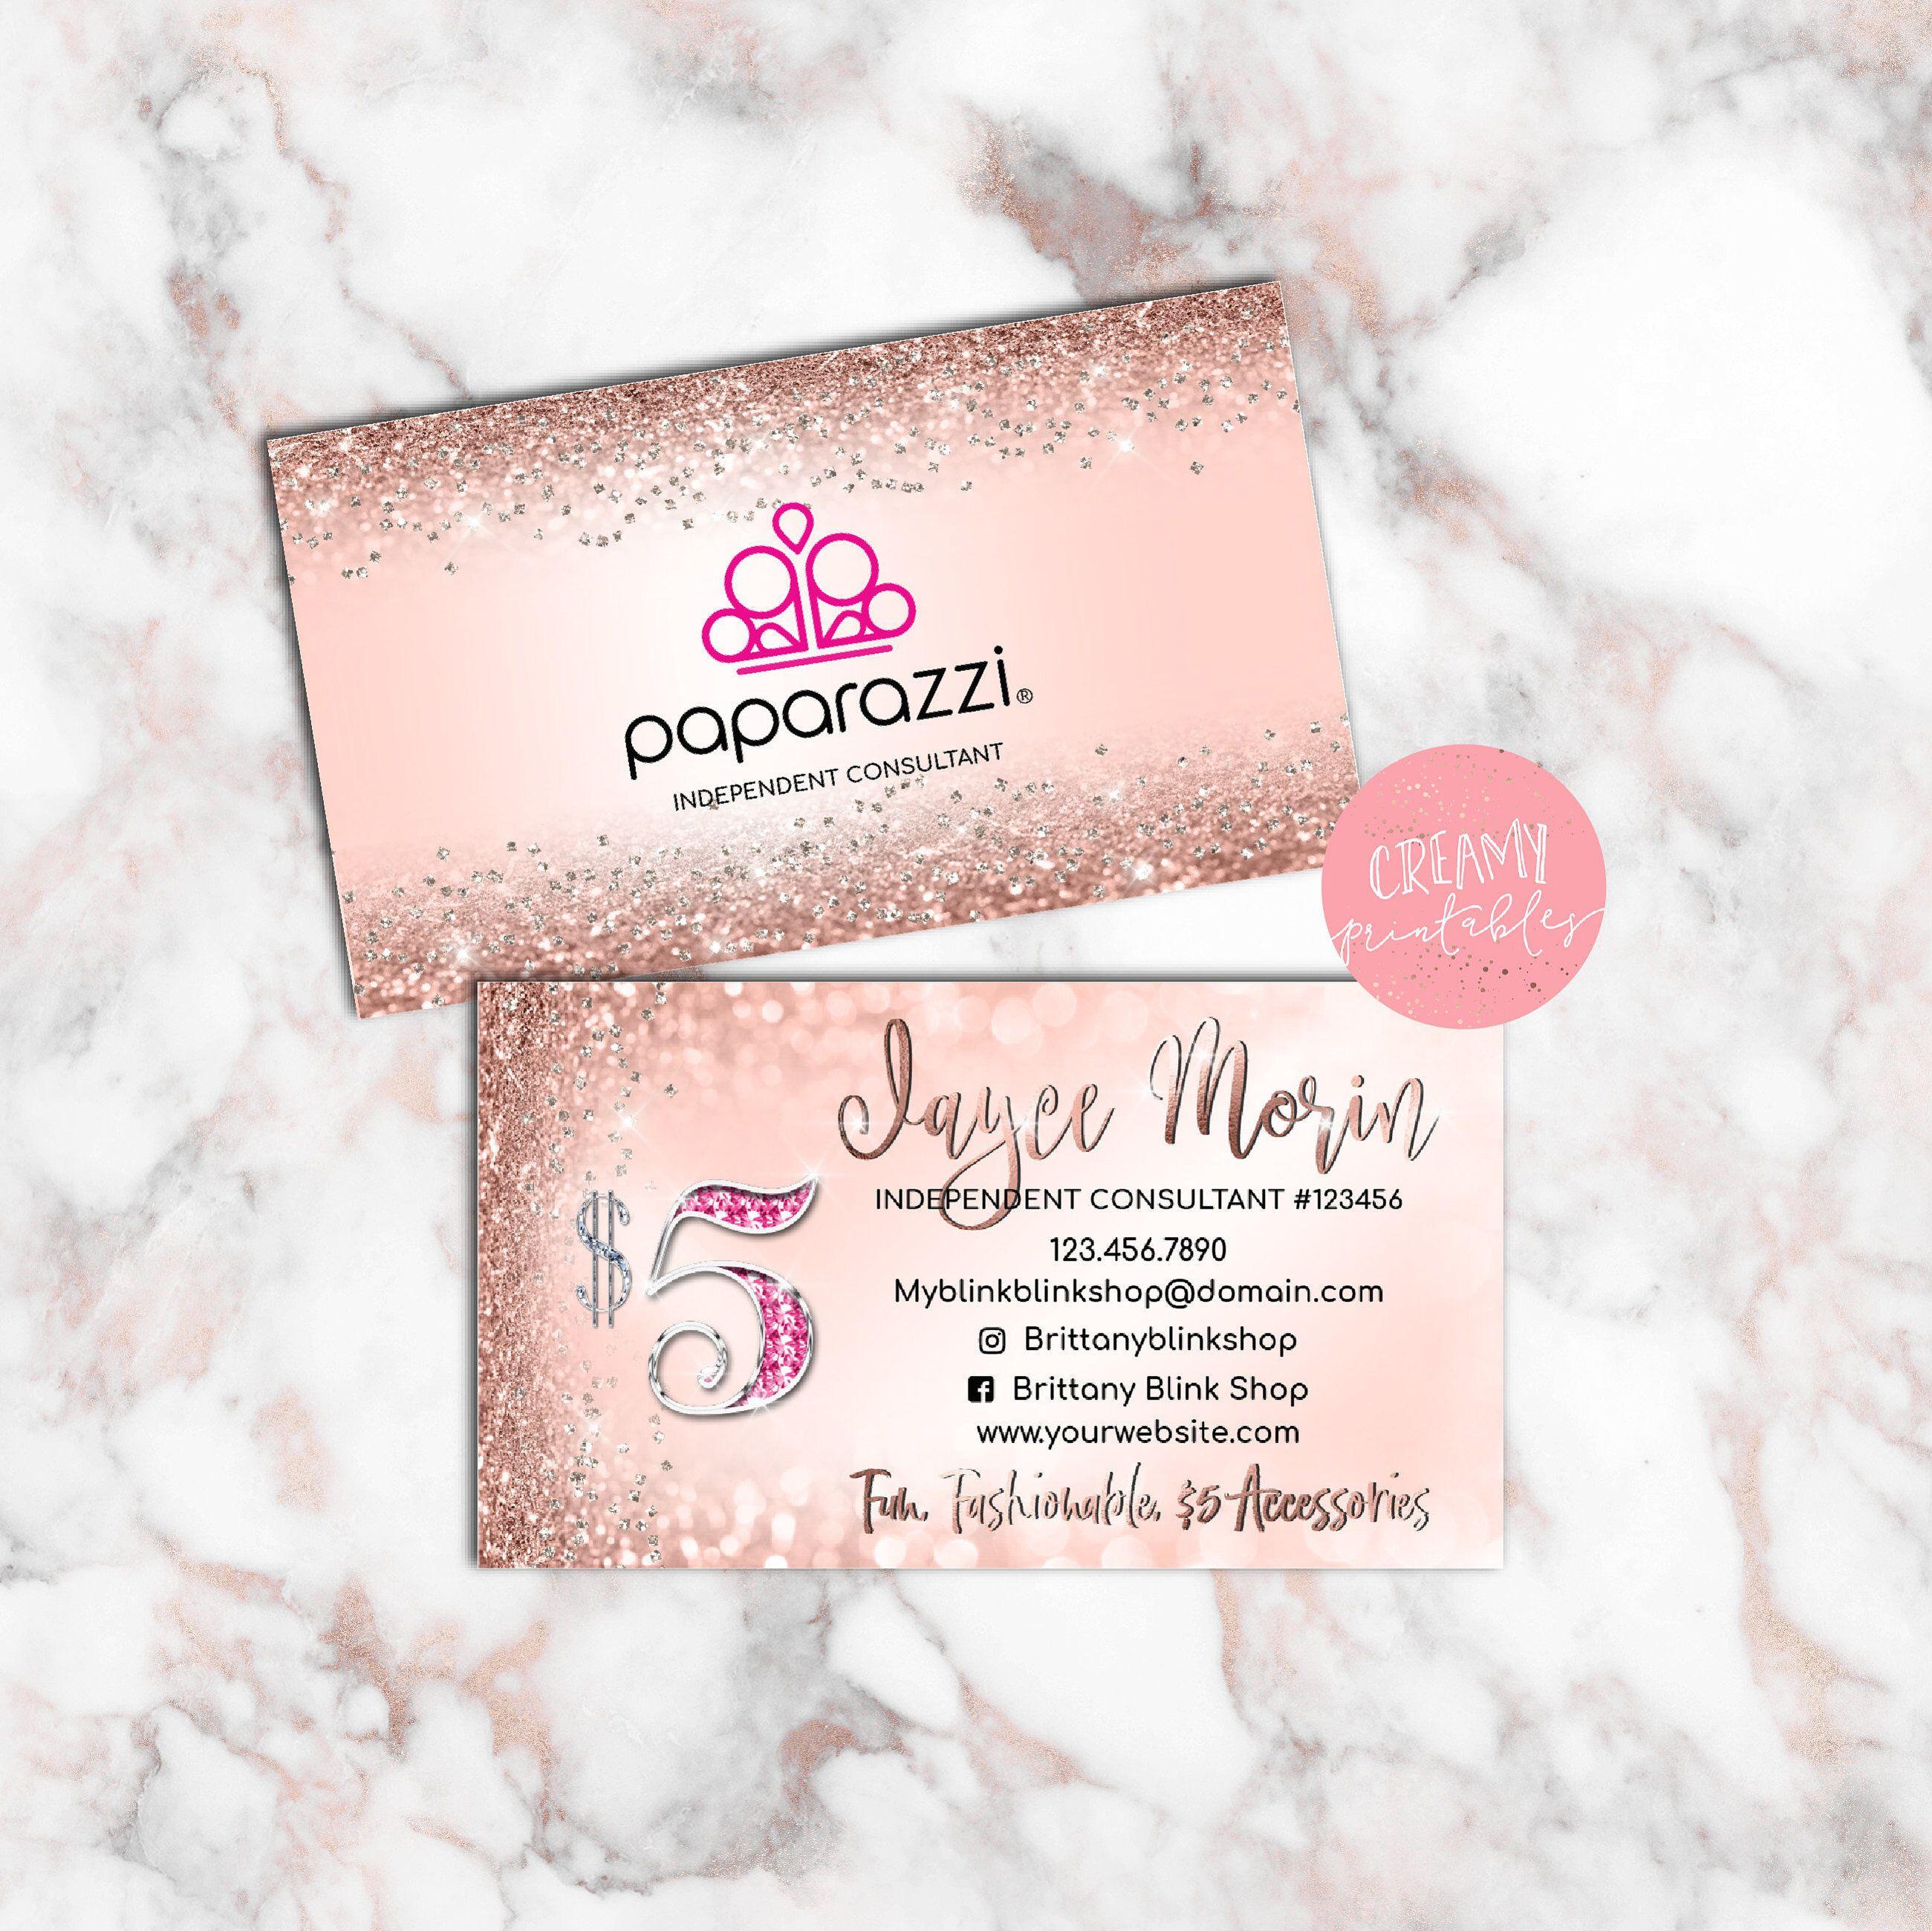 Paparazzi Business Cards Paparazzi Jewelry Consultant Card - Paparazzi business card templates